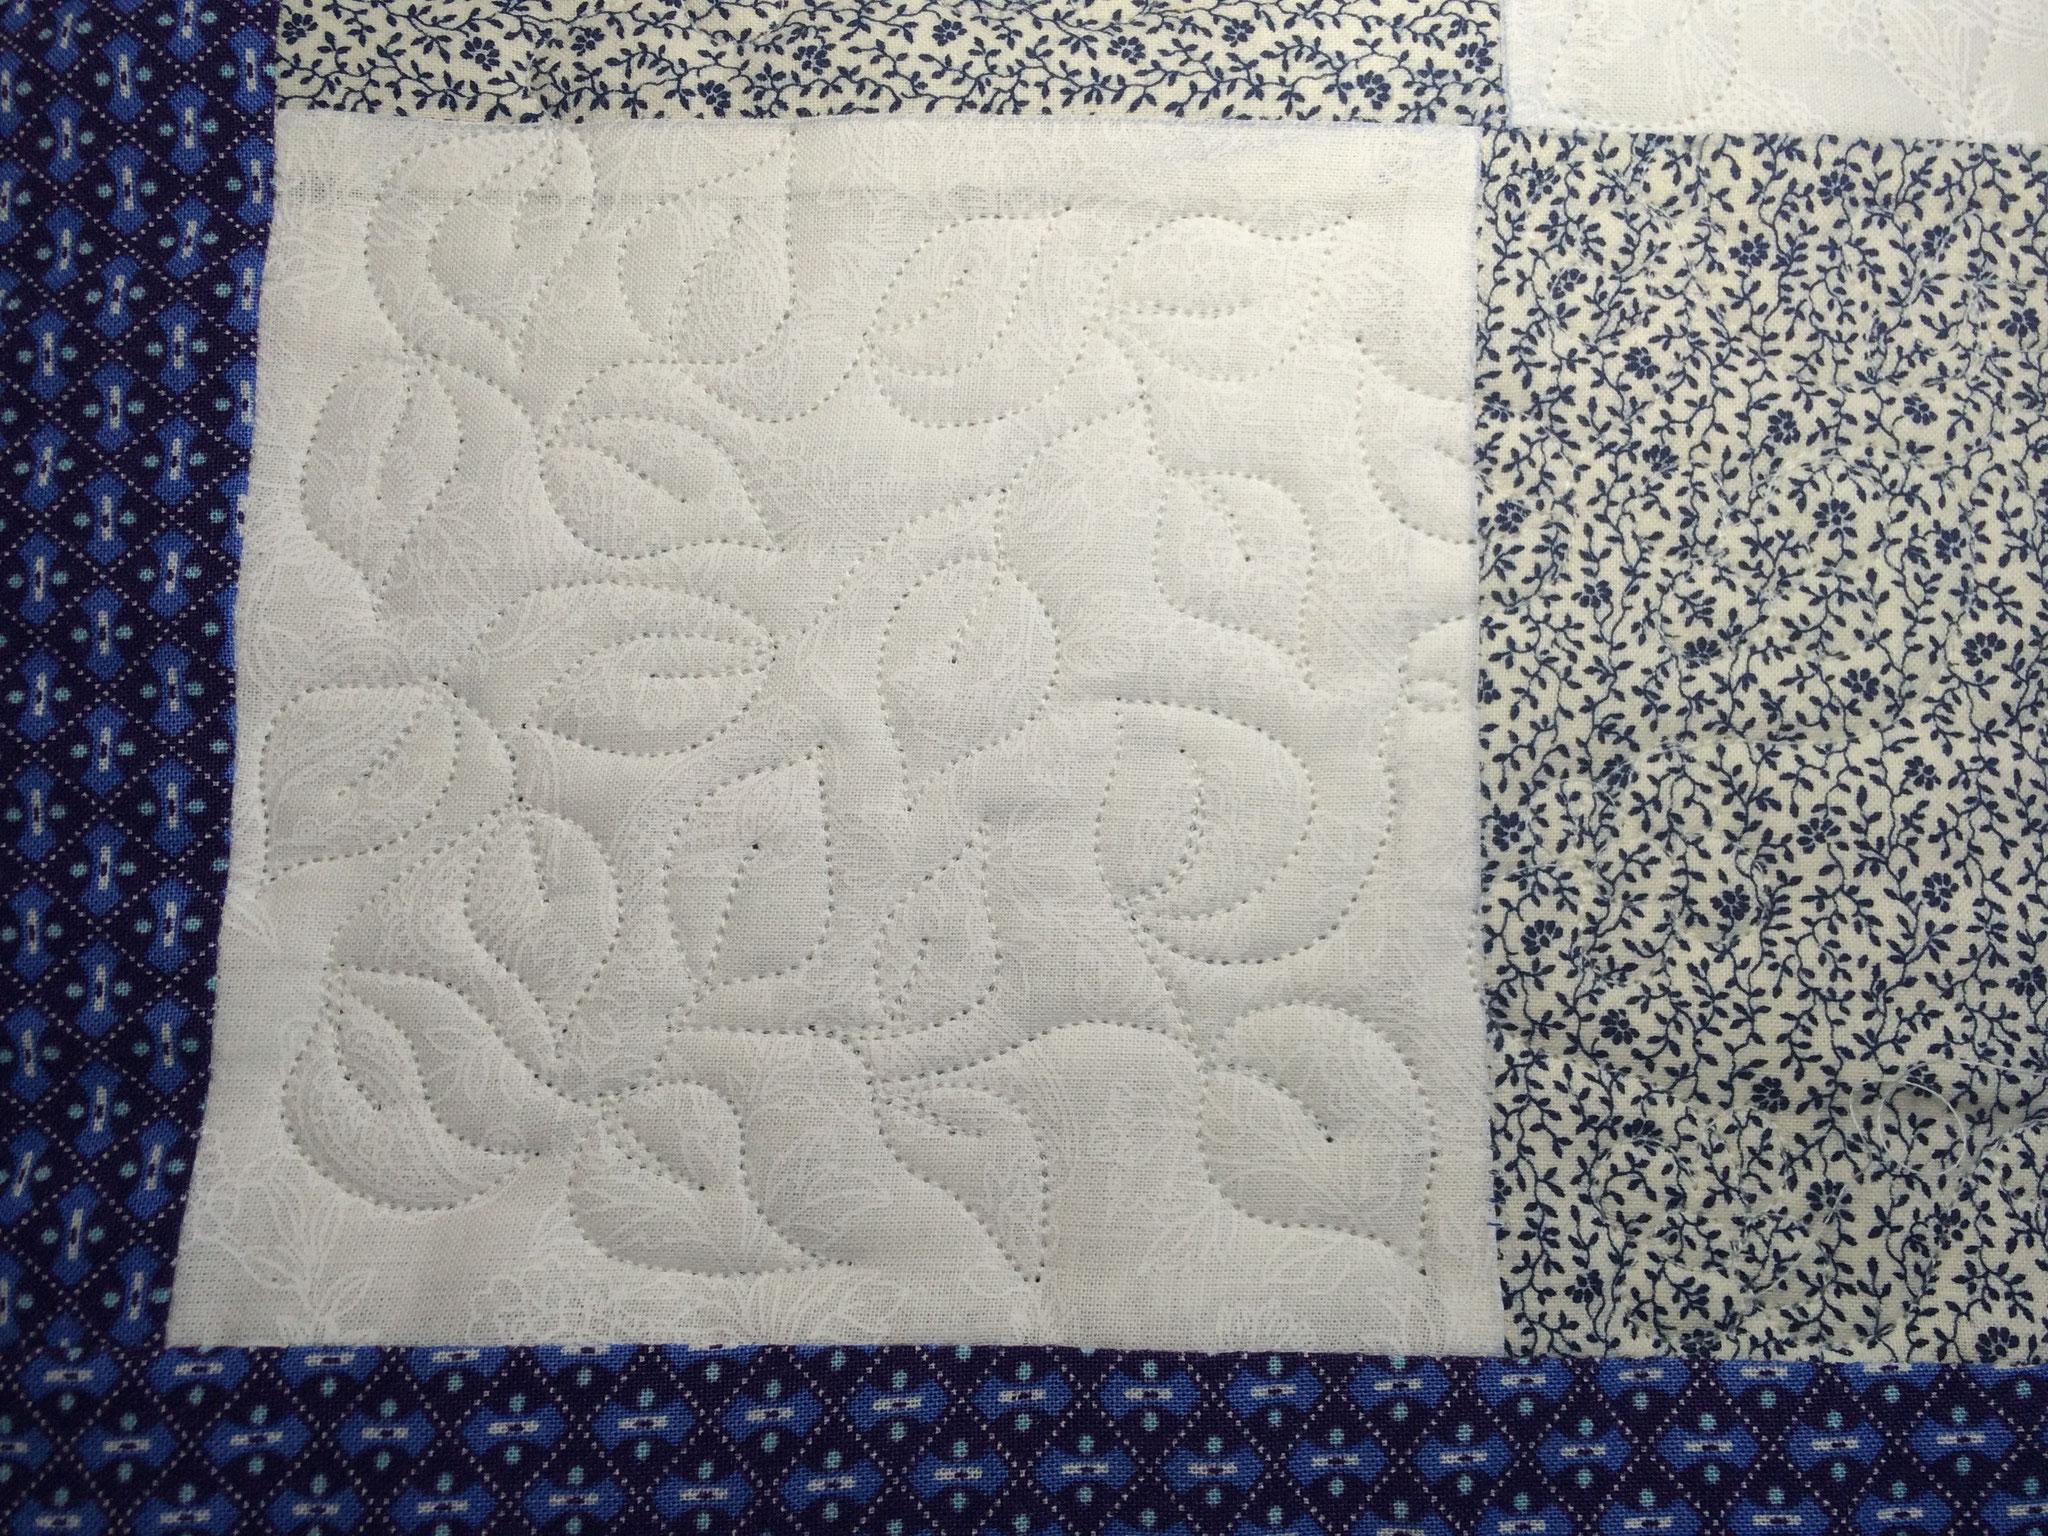 Inspirée par les carrés blancs, j'ai commencé par ceux-ci, feuilles et cailloux.